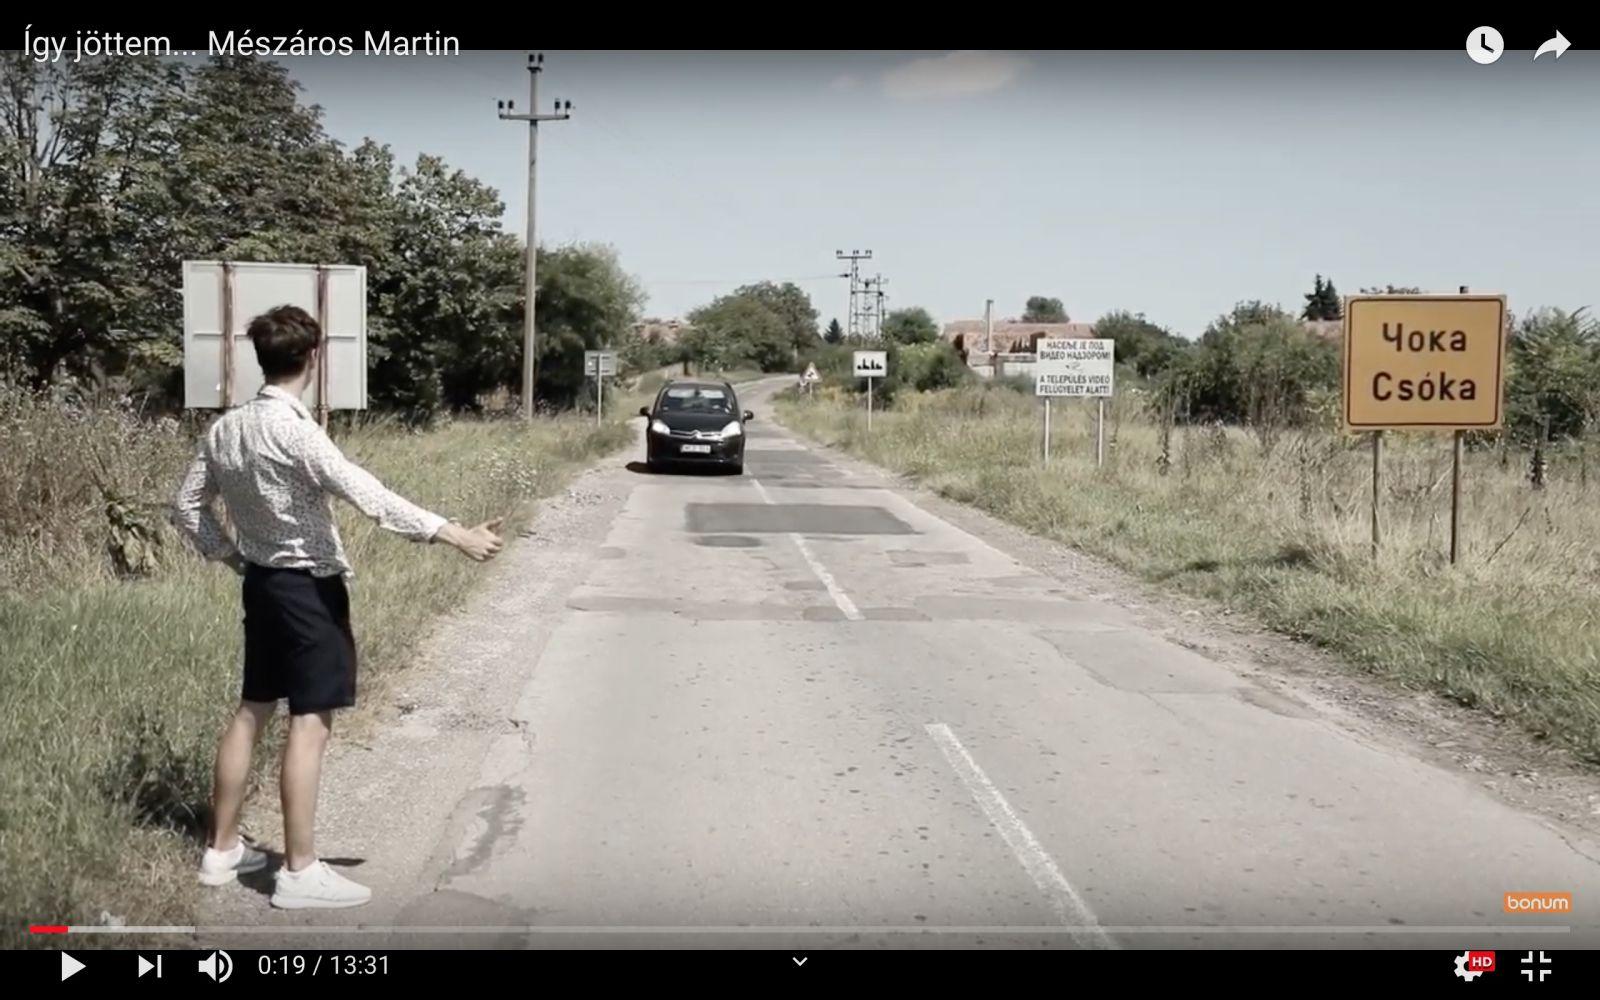 Így jöttem - Mészaros Martin